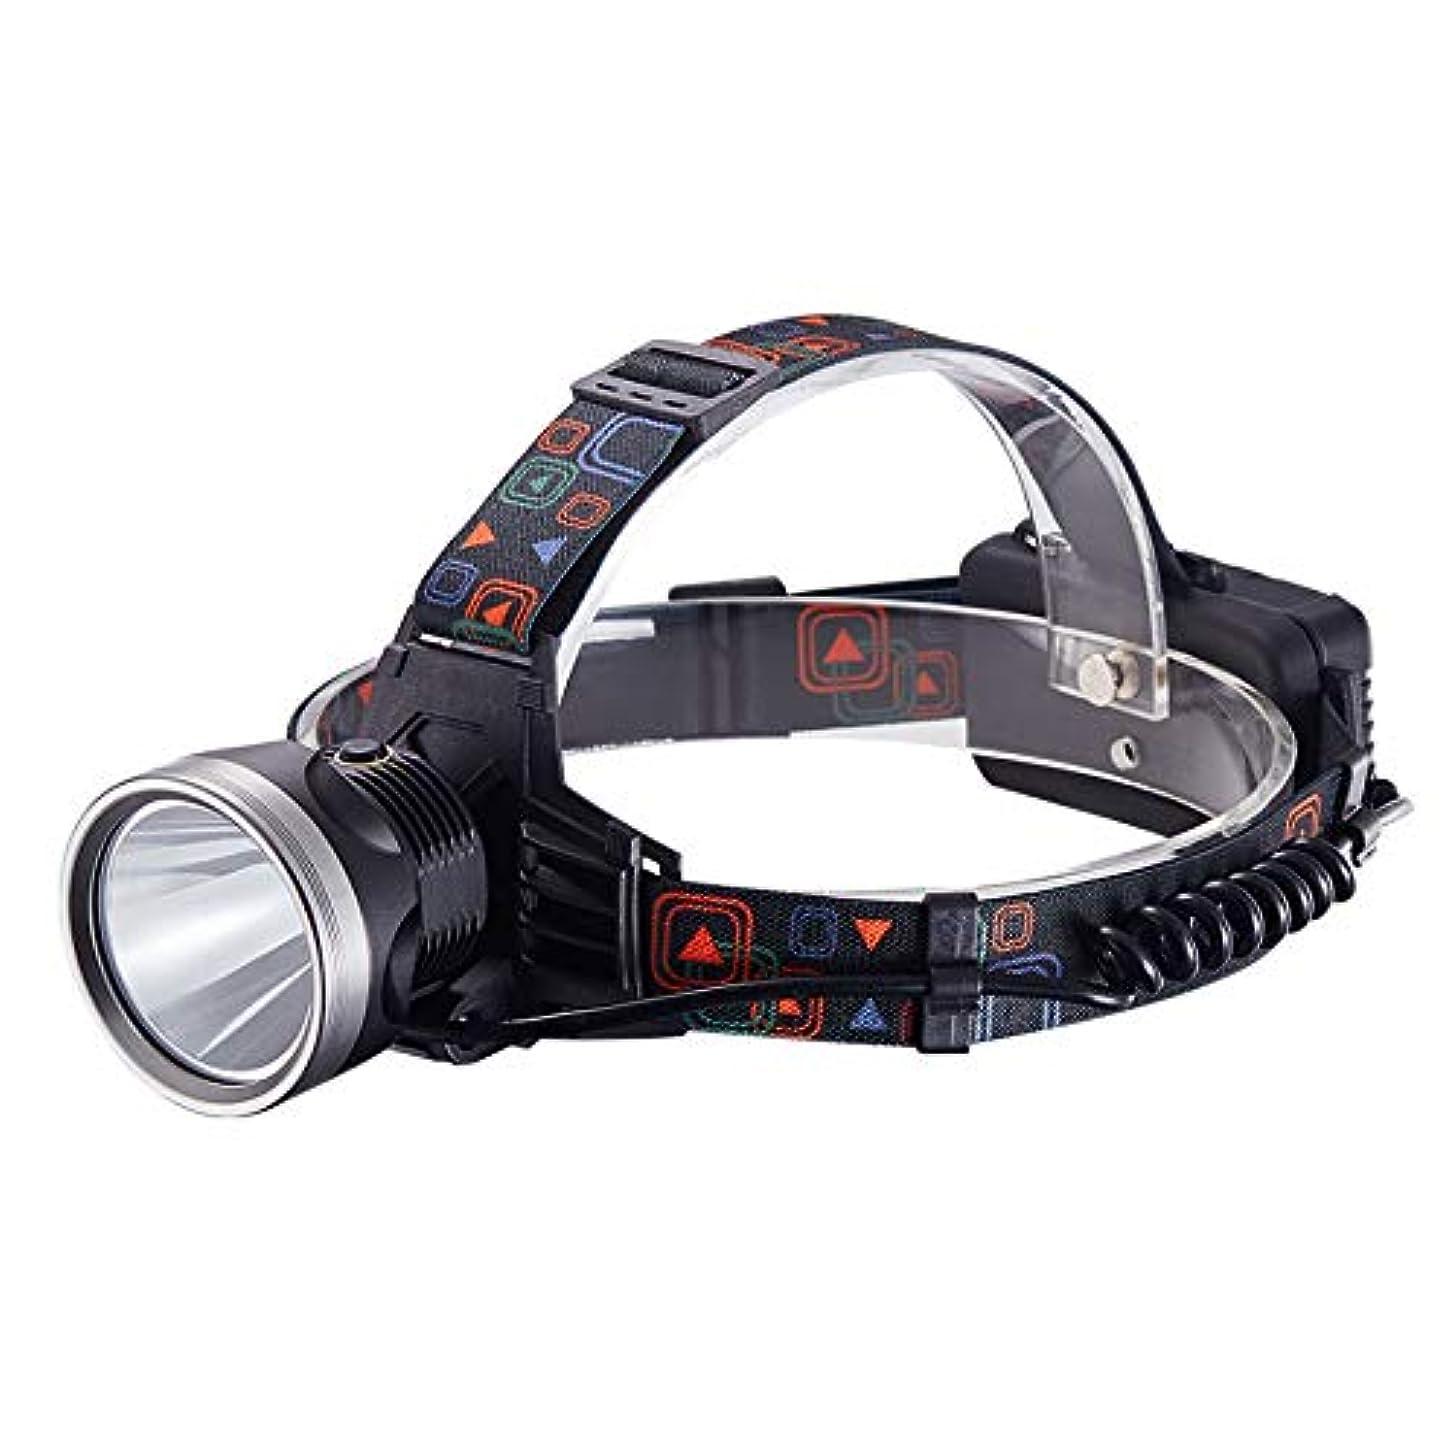 期限合理化無視ヘッドライト、長い電池寿命、強い光、キセノンランプ、充電式鉱夫用ランプ、超高輝度、懐中電灯、屋外狩猟、黄色の光